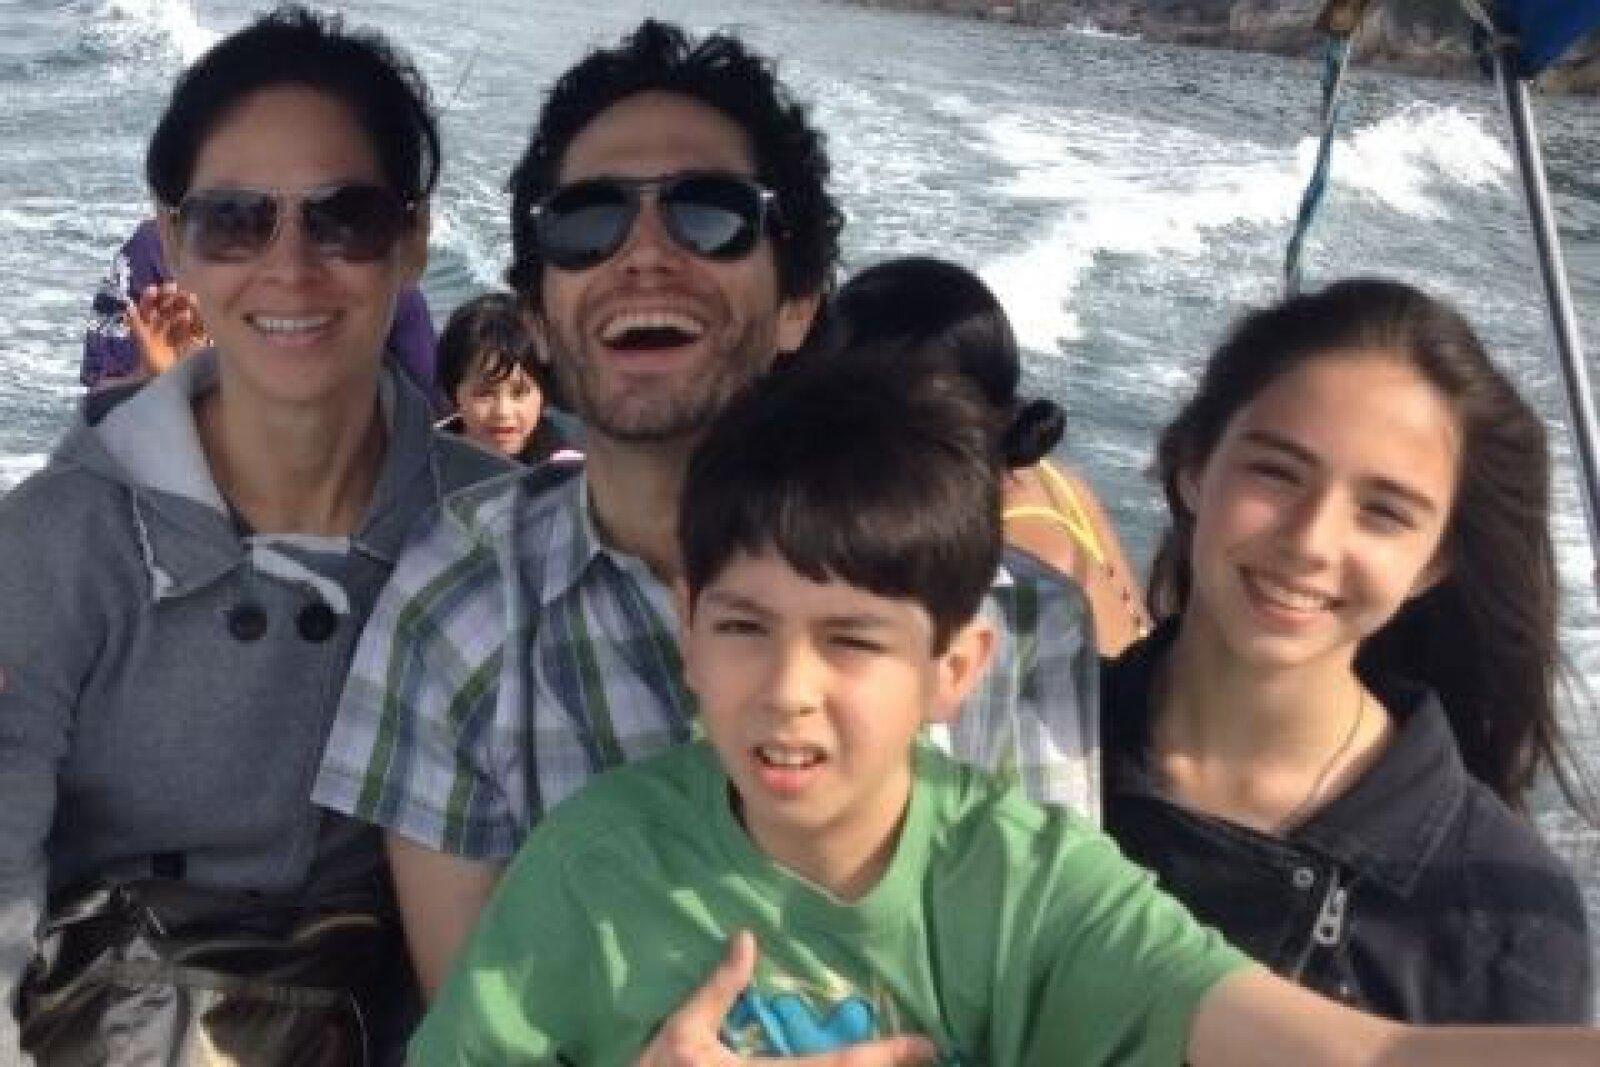 Aquí la familia: Celina, Benny, Mateo y María.